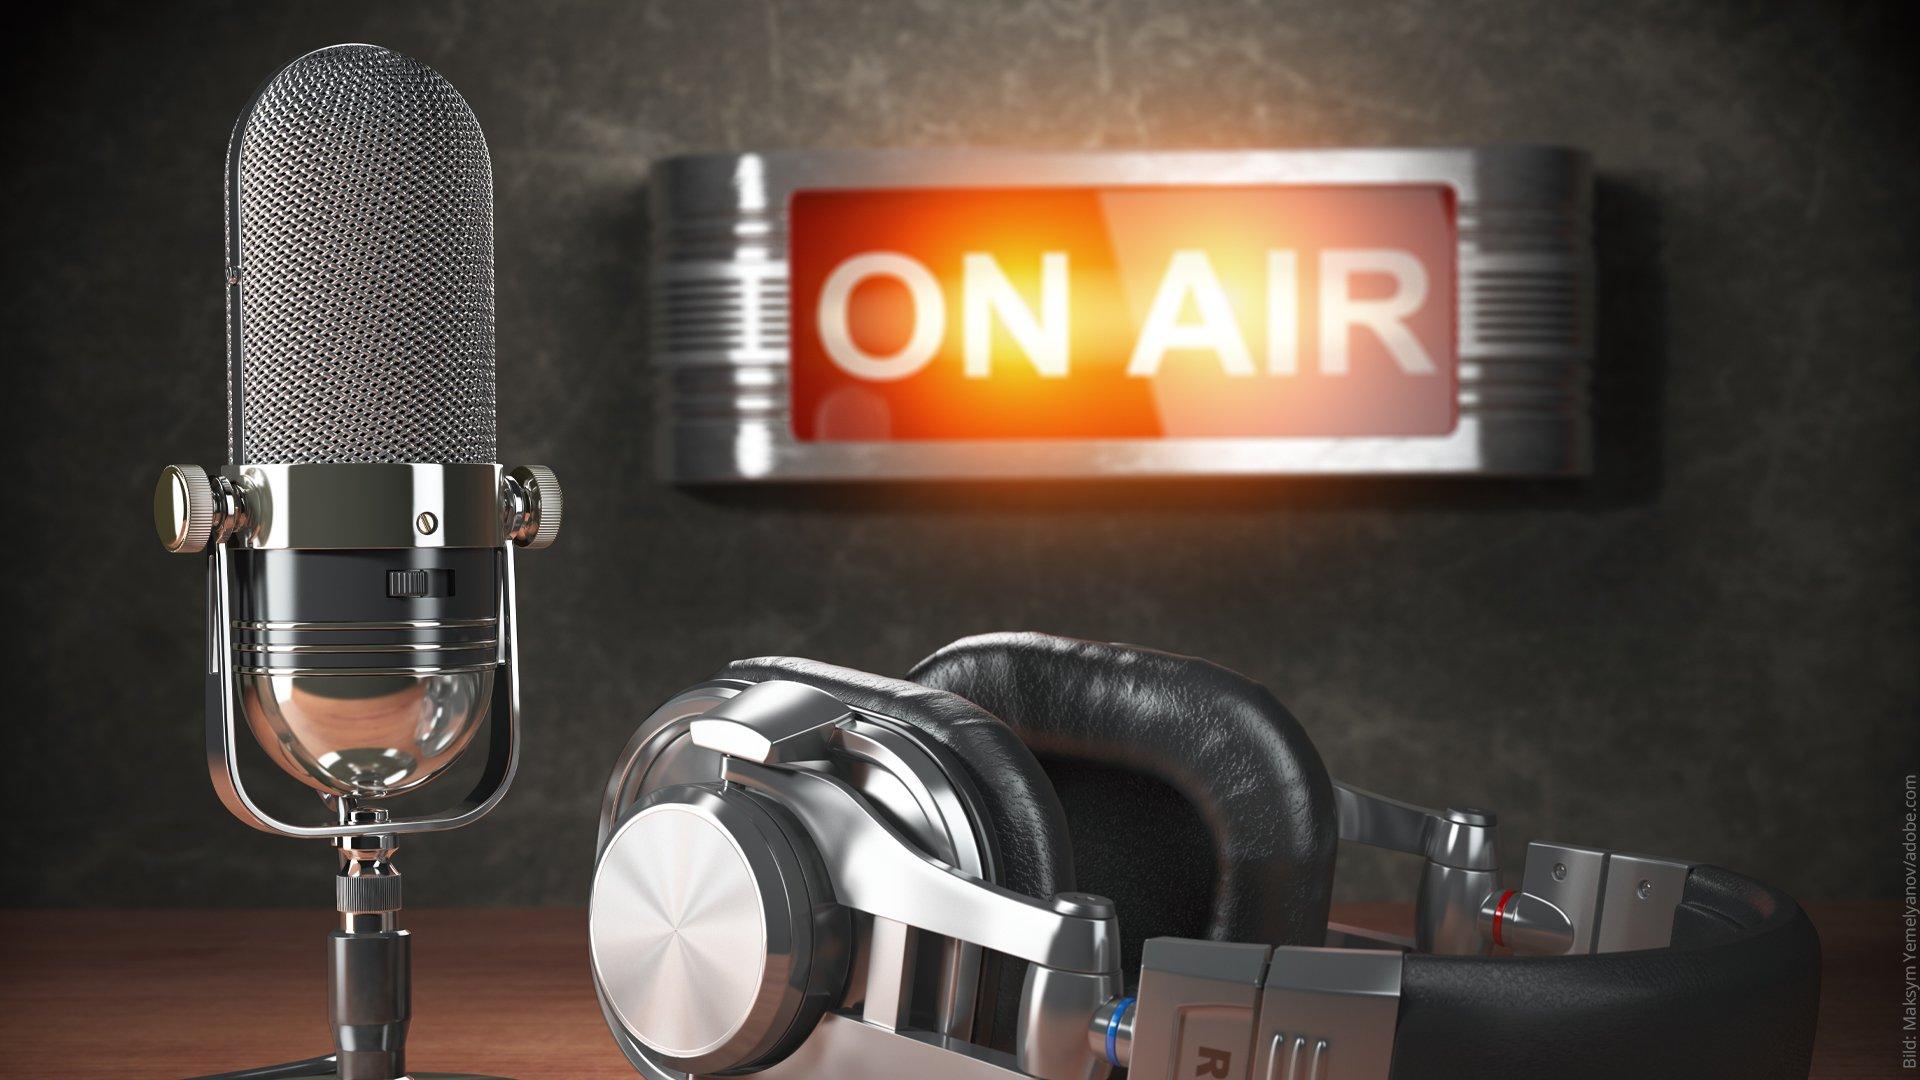 Medienspiegel. Kopfhörer und Mikrofon bei einem Radio-Interview.